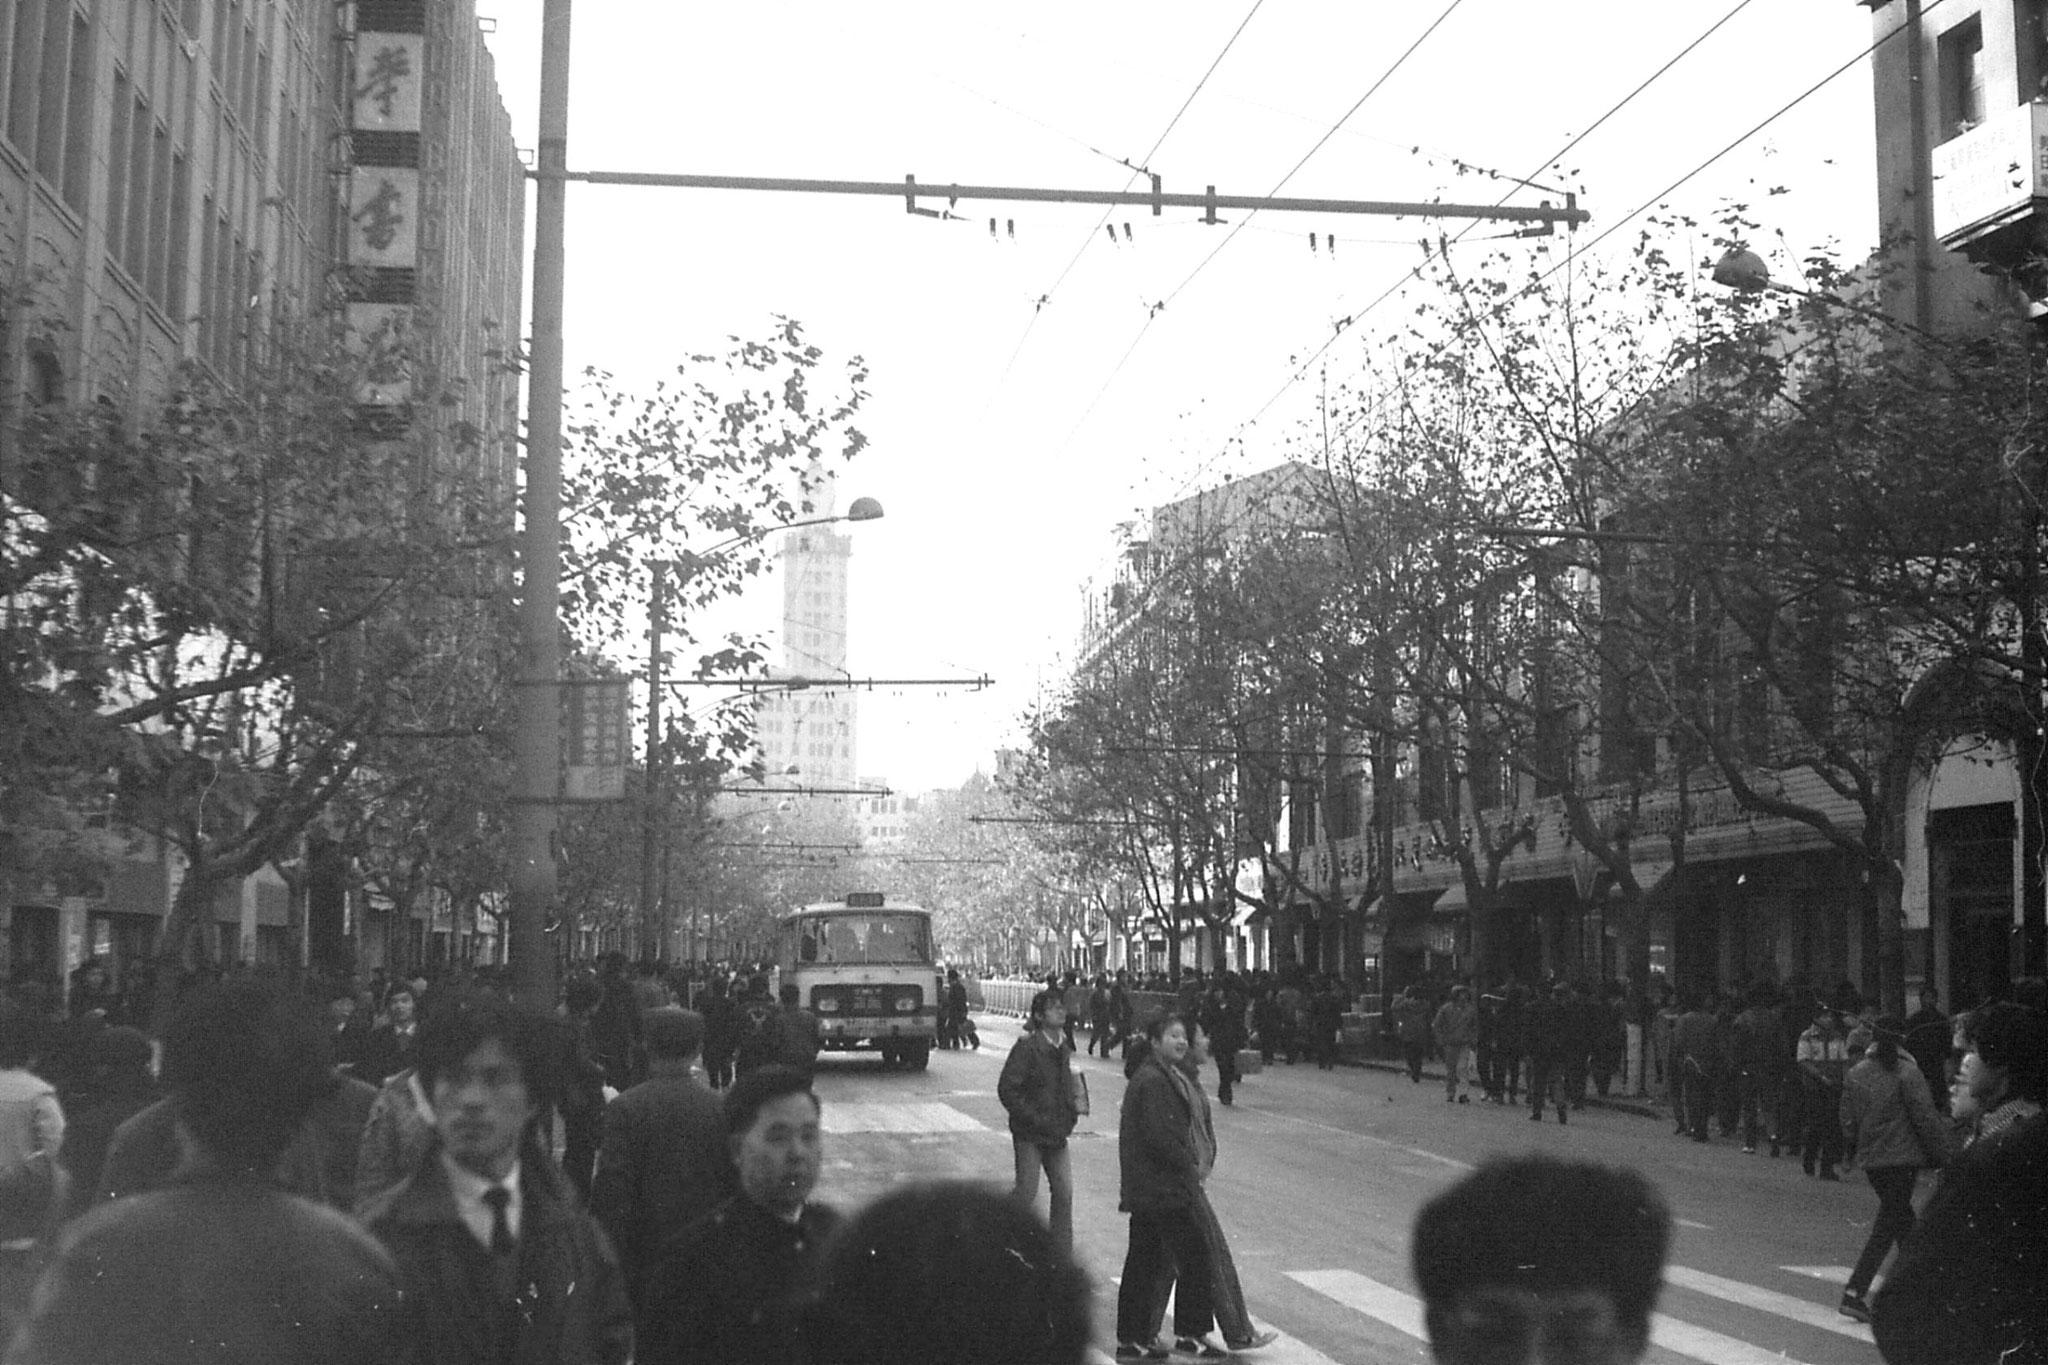 14/12/1988: 22: Shanghai